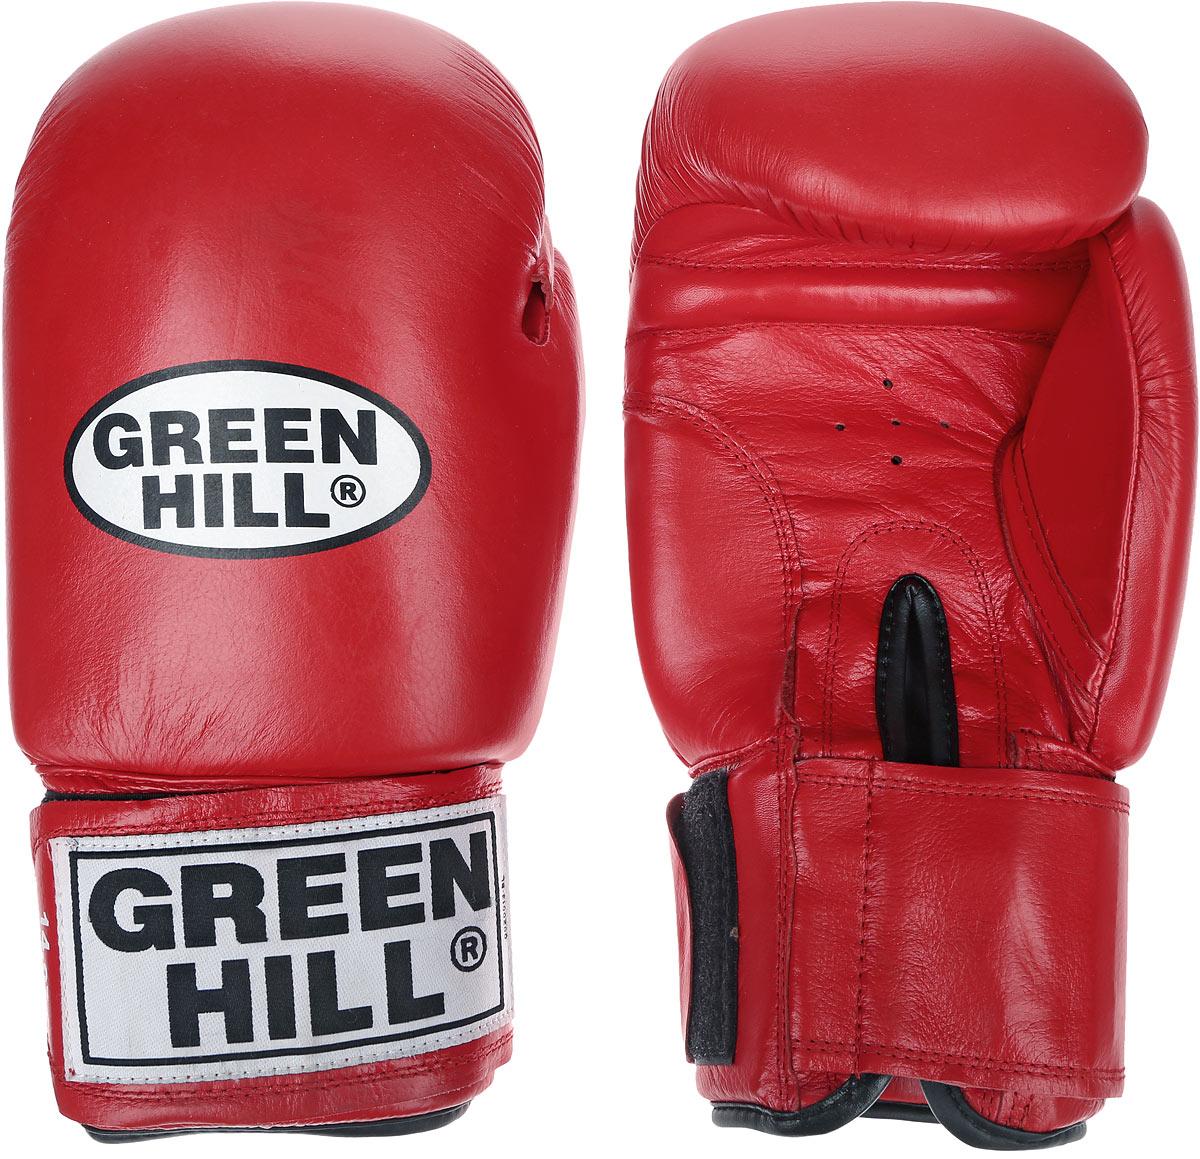 Перчатки боксерские Green Hill Tiger, цвет: красный, белый. Вес 14 унцийBGT-2010сБоевые боксерские перчатки Green Hill Tiger применяются как для соревнований, так и для тренировок. Верх выполнен из натуральной кожи, вкладыш - предварительно сформированный пенополиуретан. Манжет на липучке способствует быстрому и удобному надеванию перчаток, плотно фиксирует перчатки на руке. Отверстия в области ладони позволяют создать максимально комфортный терморежим во время занятий. В перчатках применяется технология антинокаут.